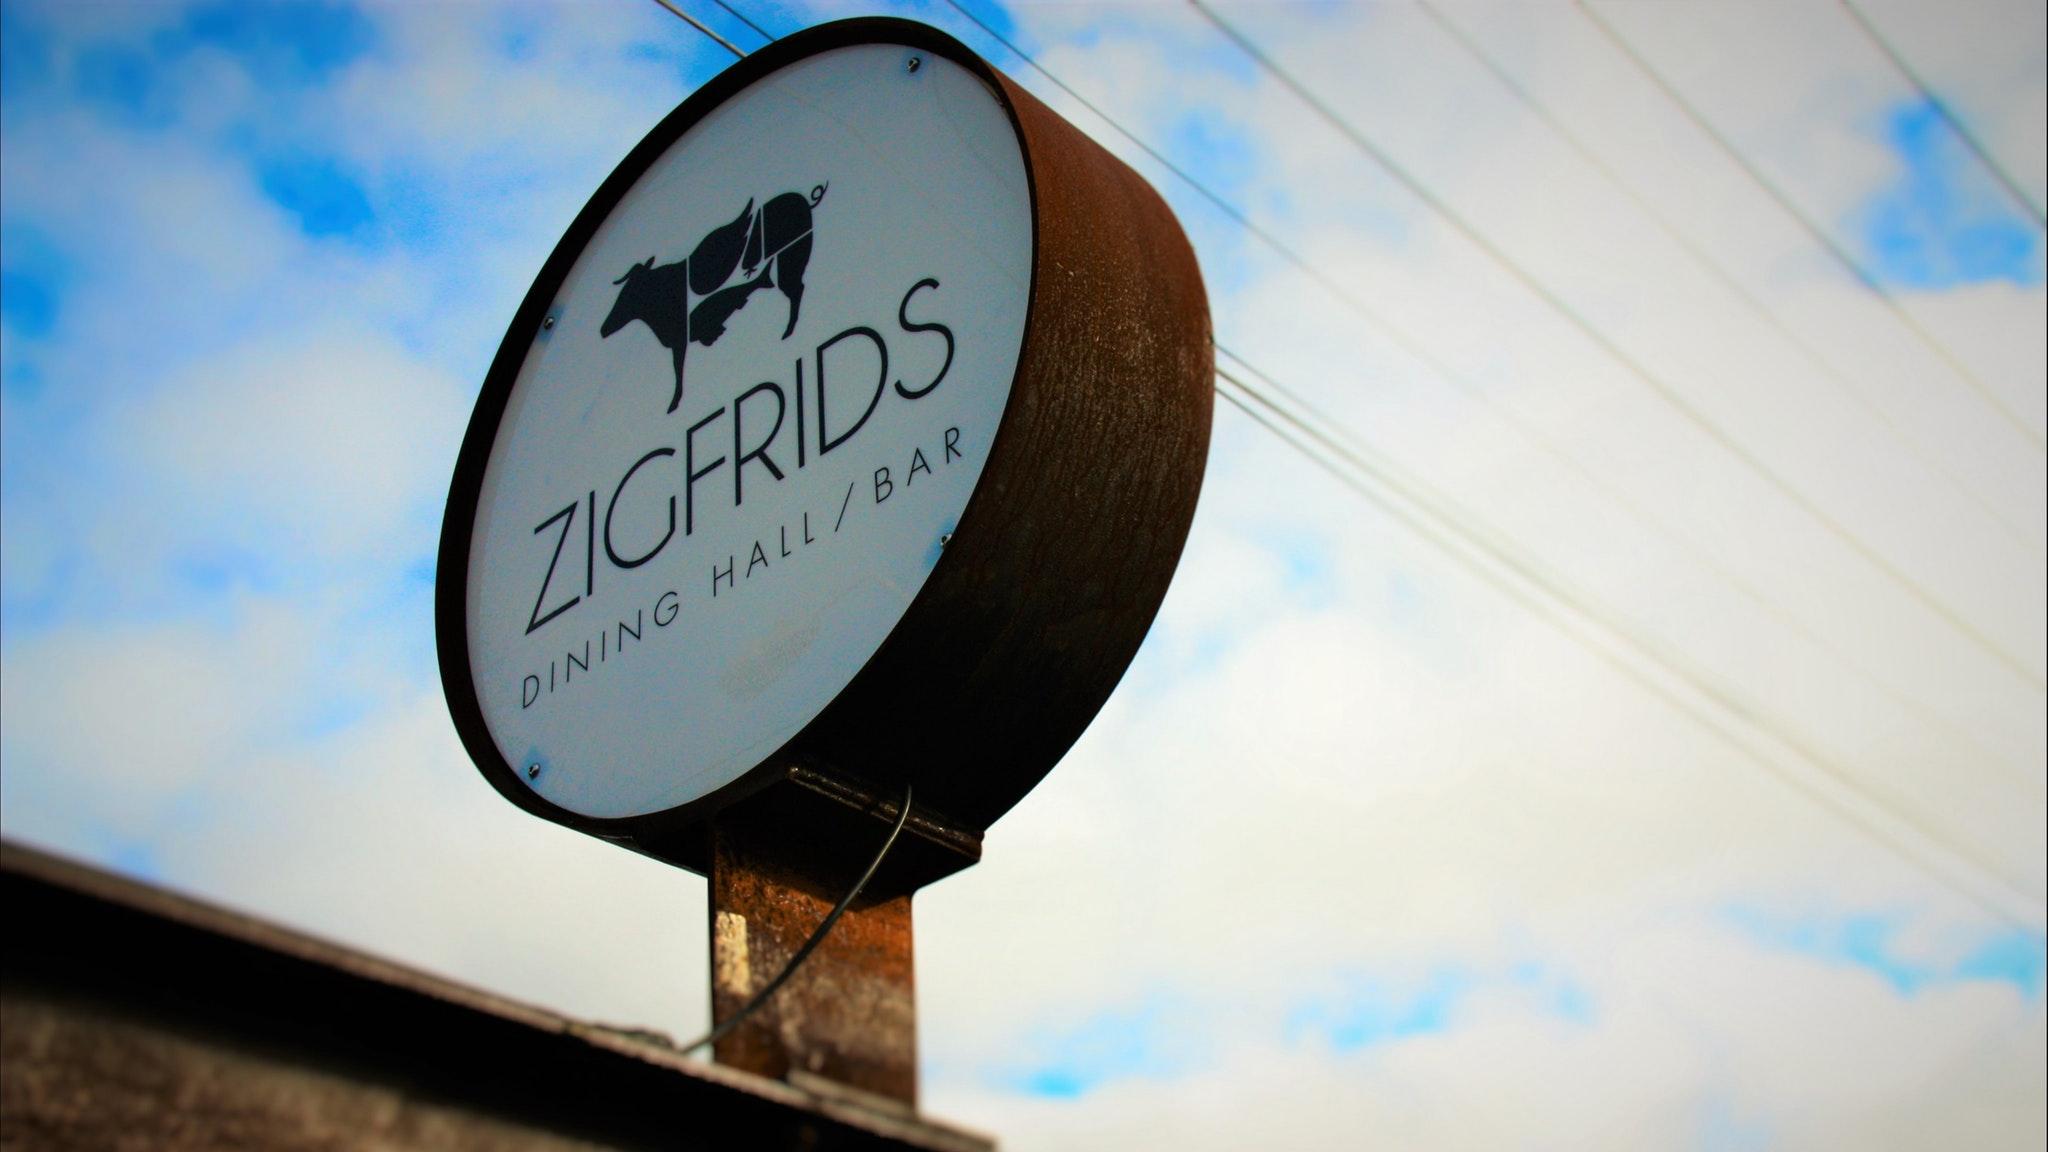 Zigfrids Front Sign Light